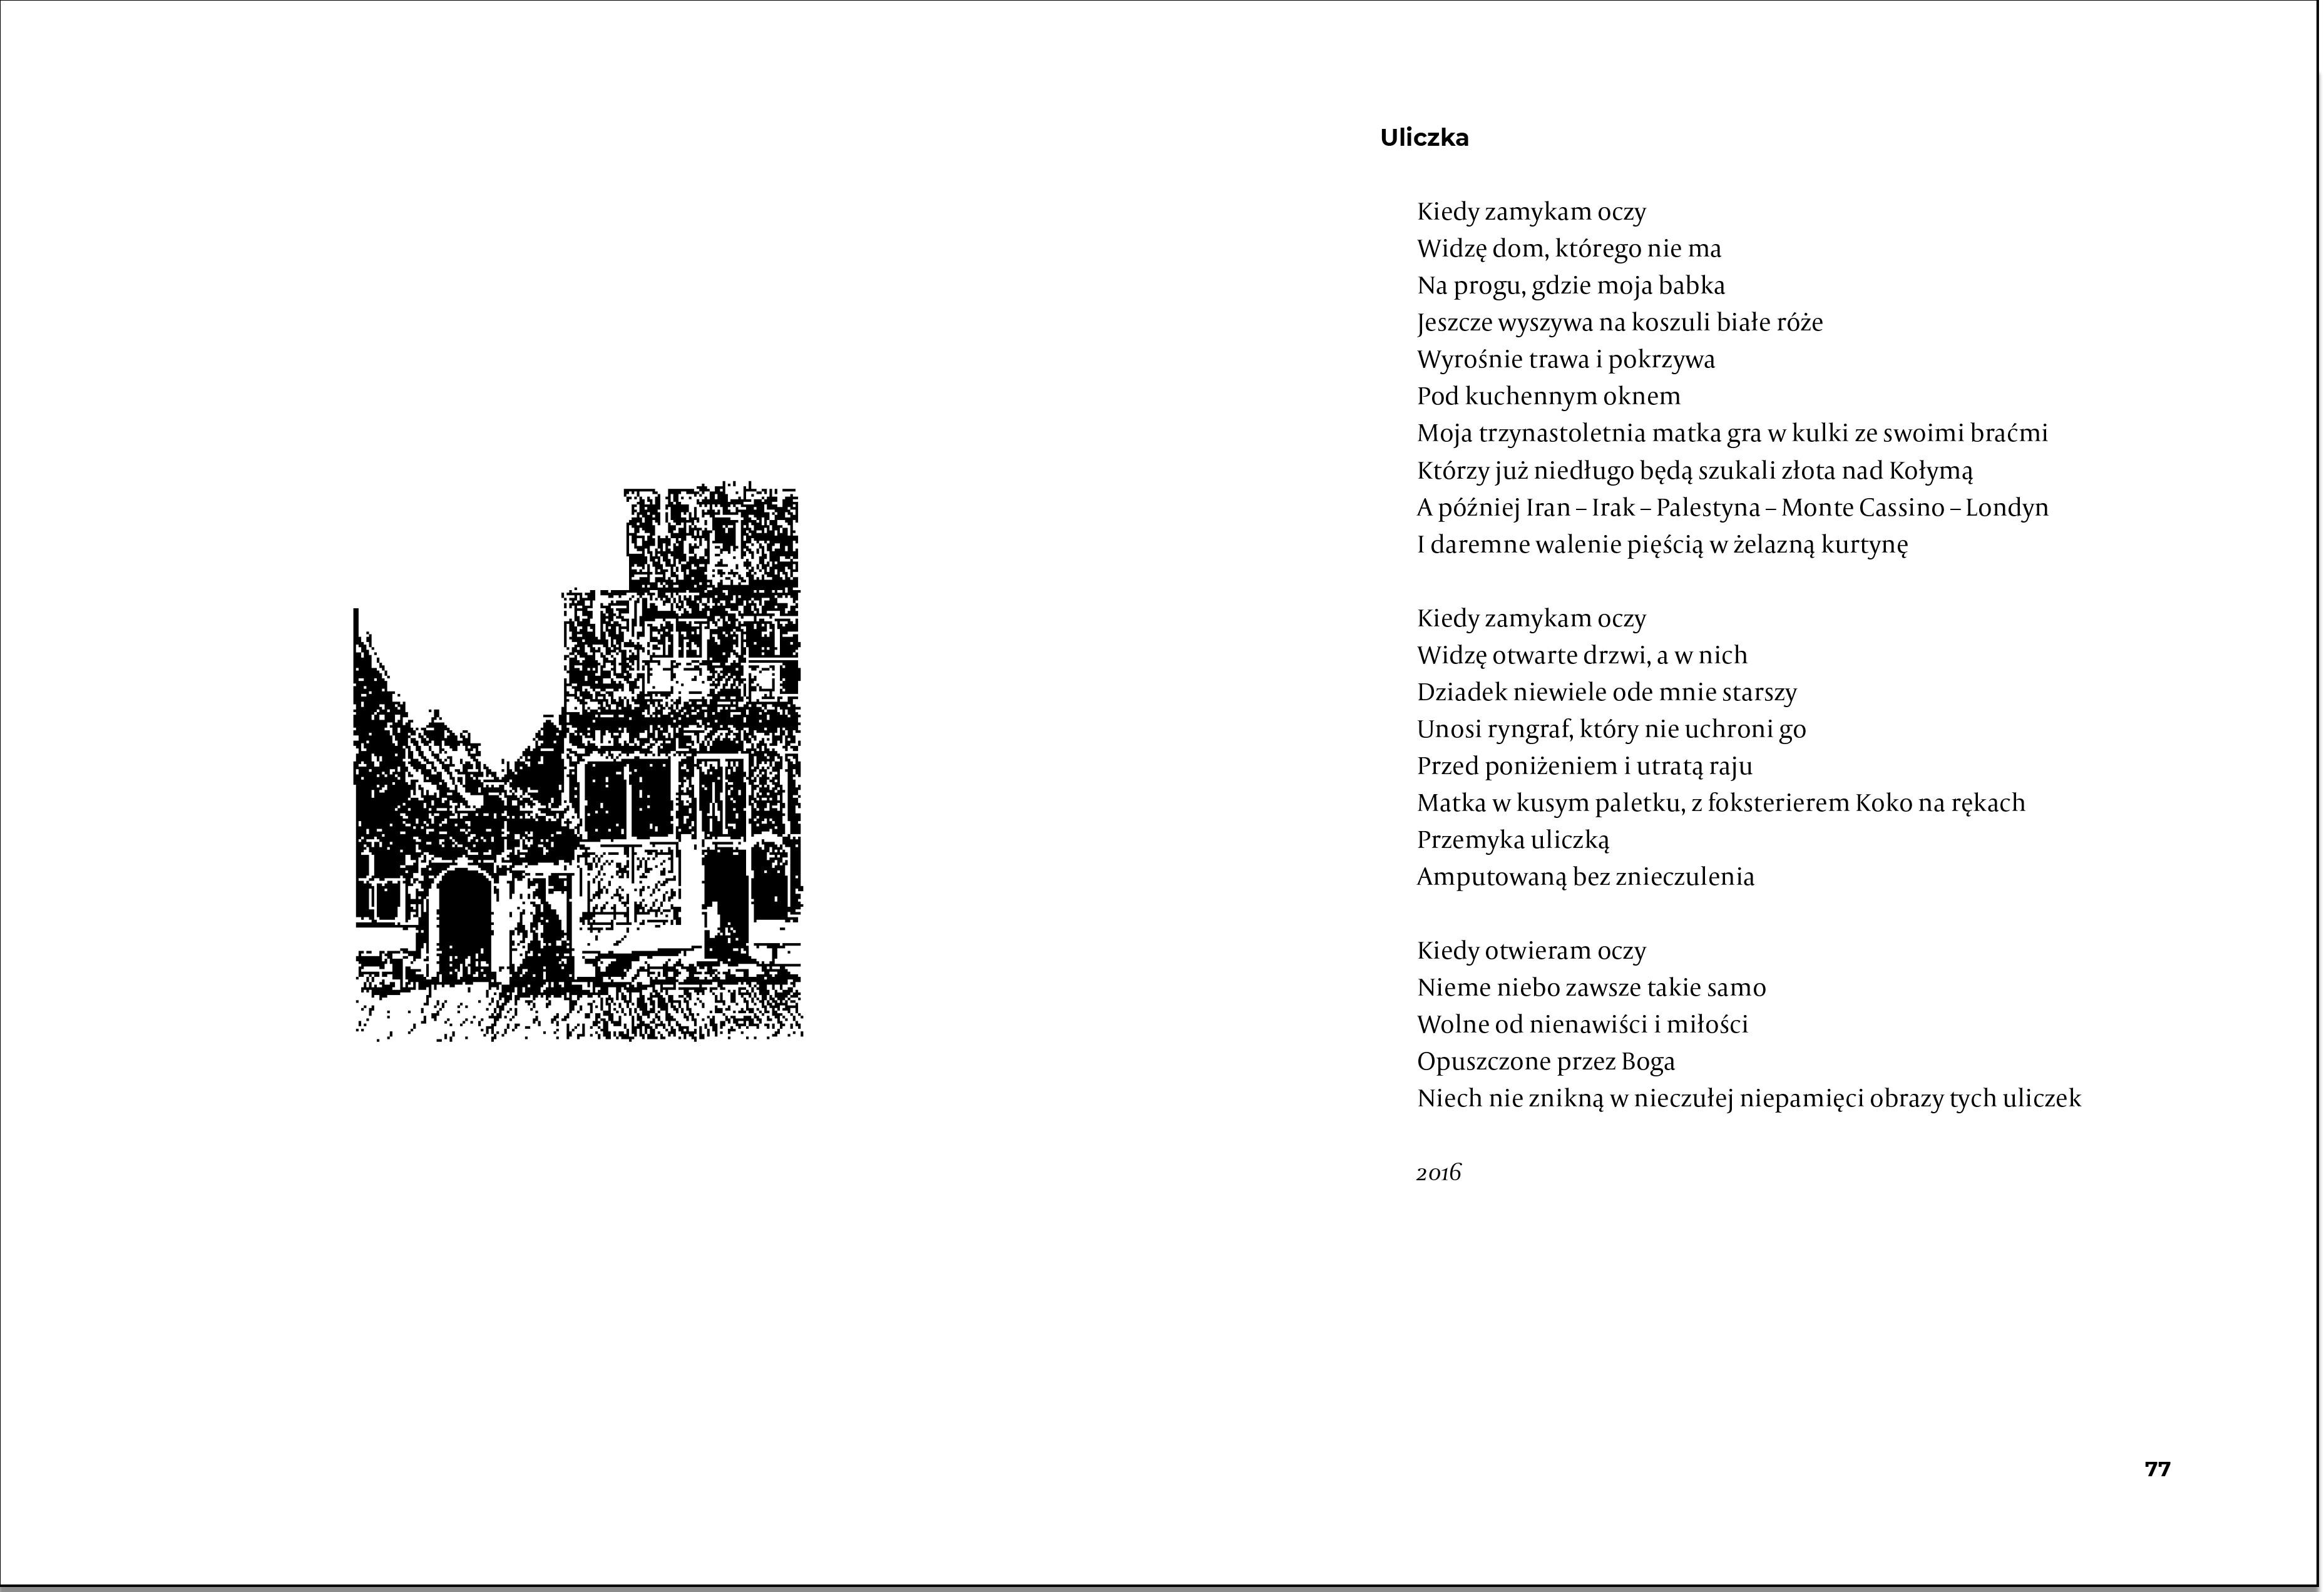 Czytająca list i inne wiersze